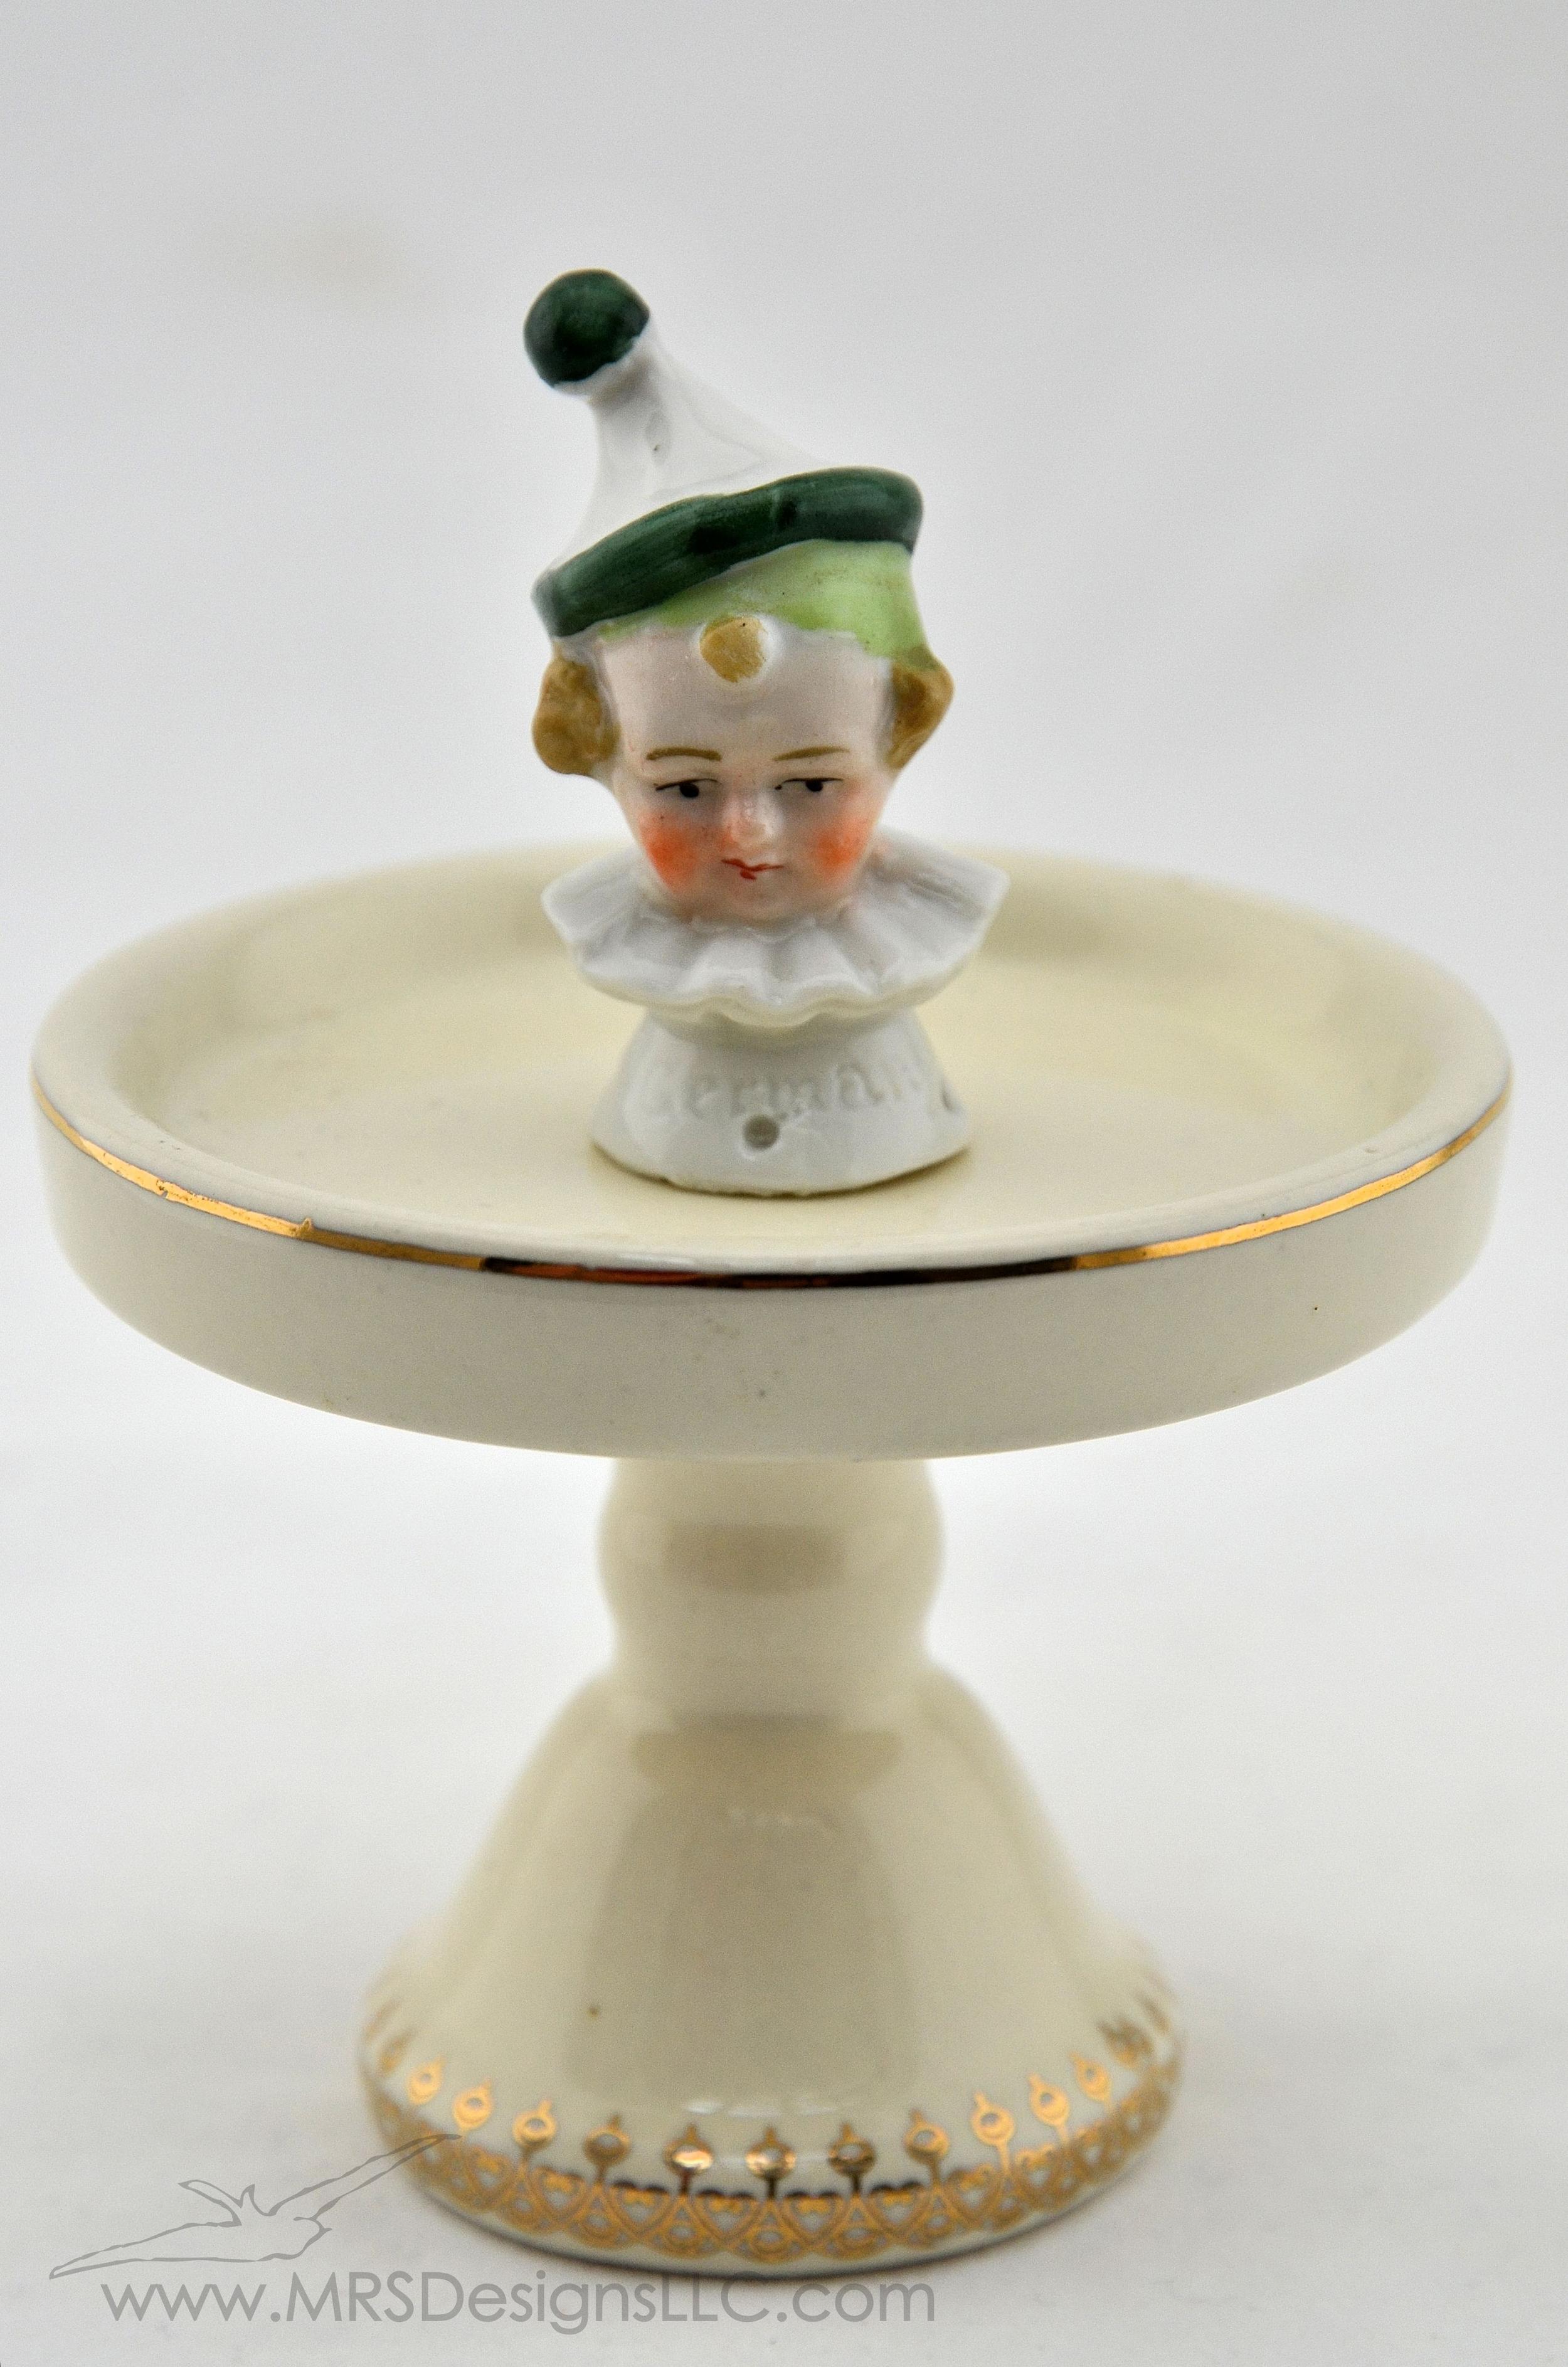 MRS Designs Blog - Vintage Half Dolls, Jester